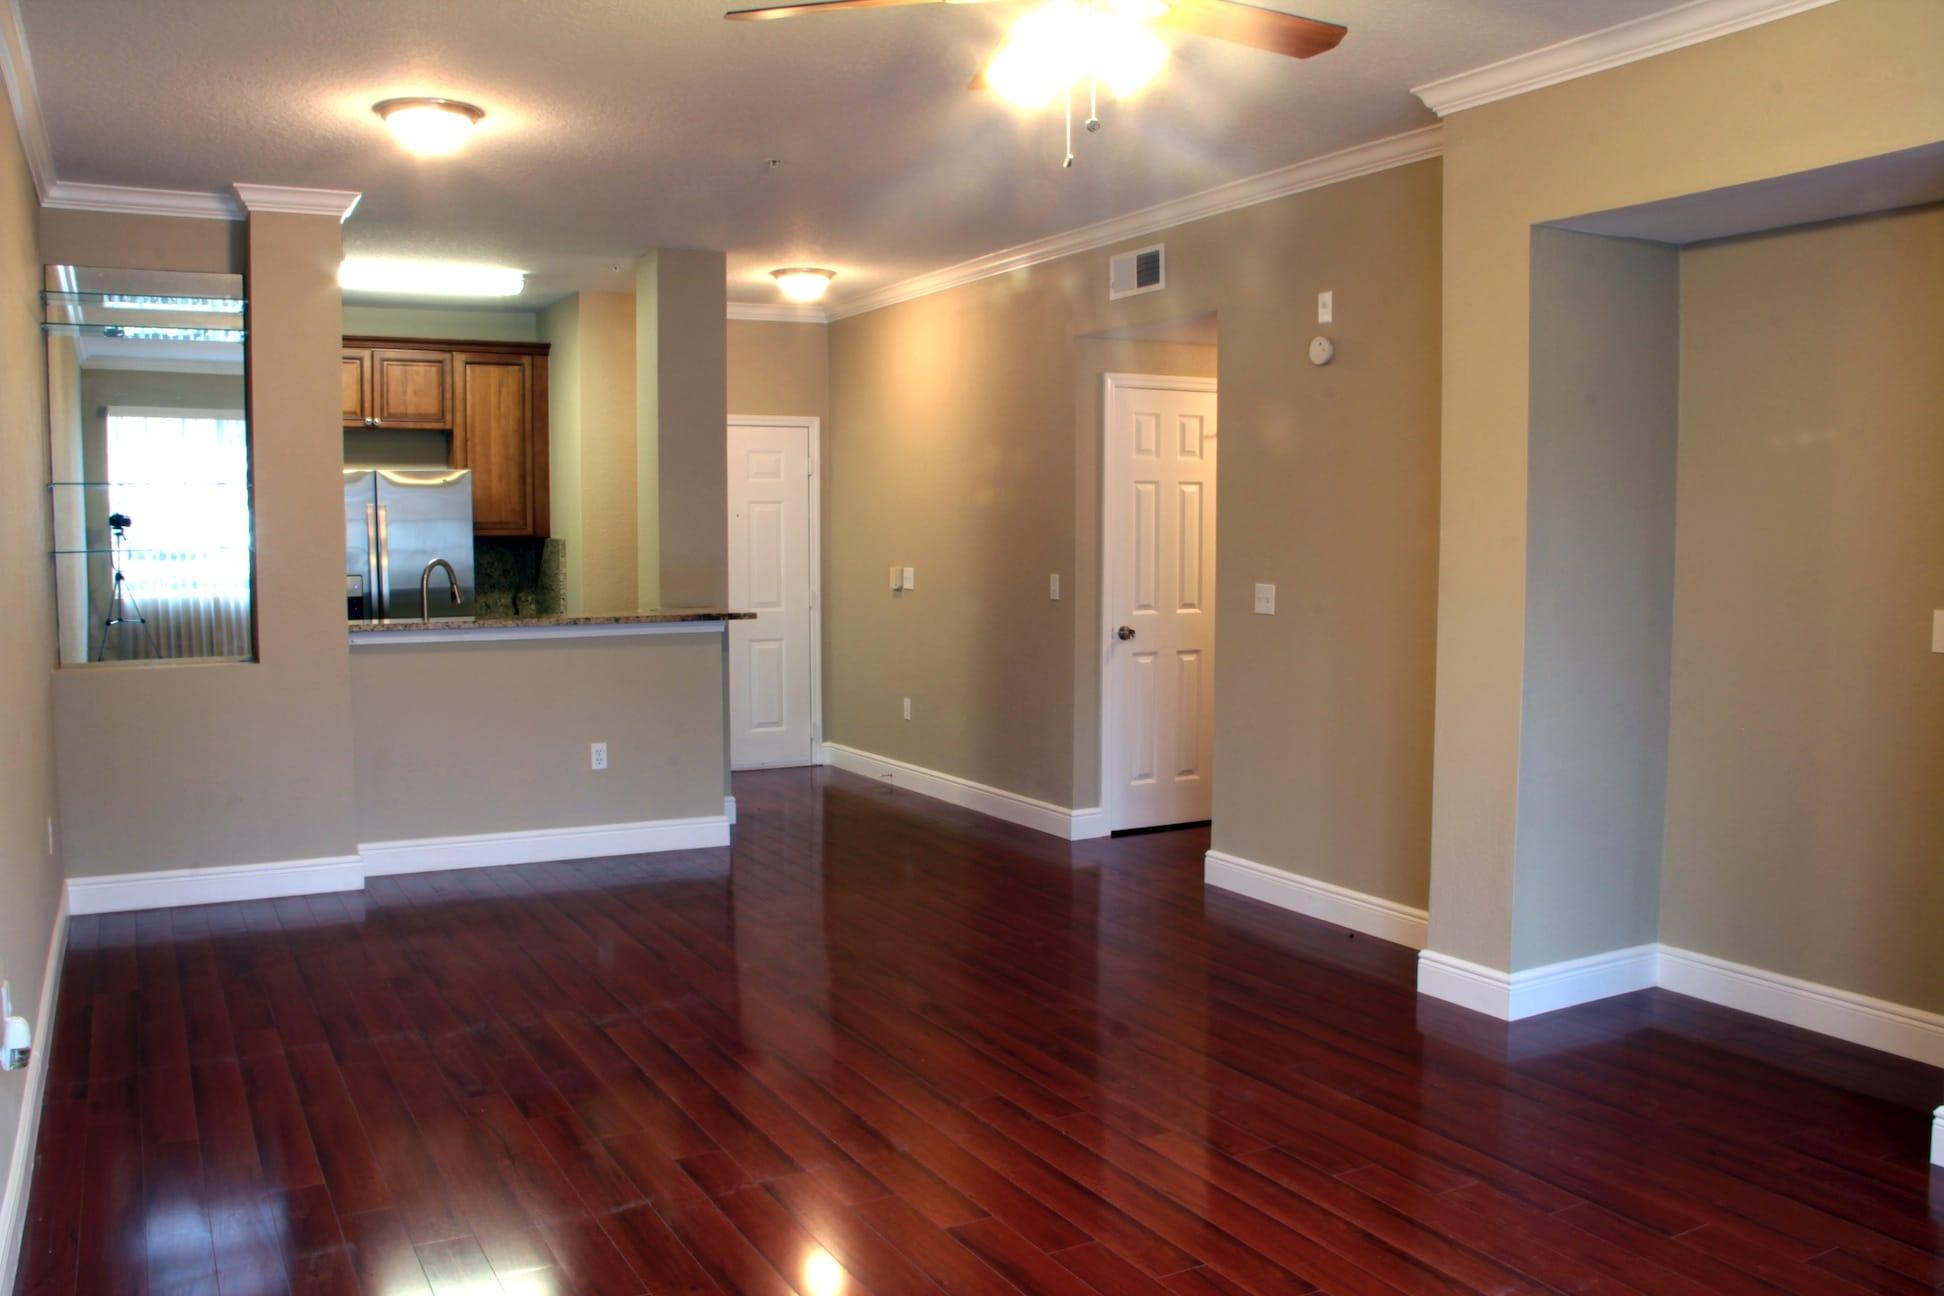 interieur d'un appartement a vendre en Floride avec la société Auxandra